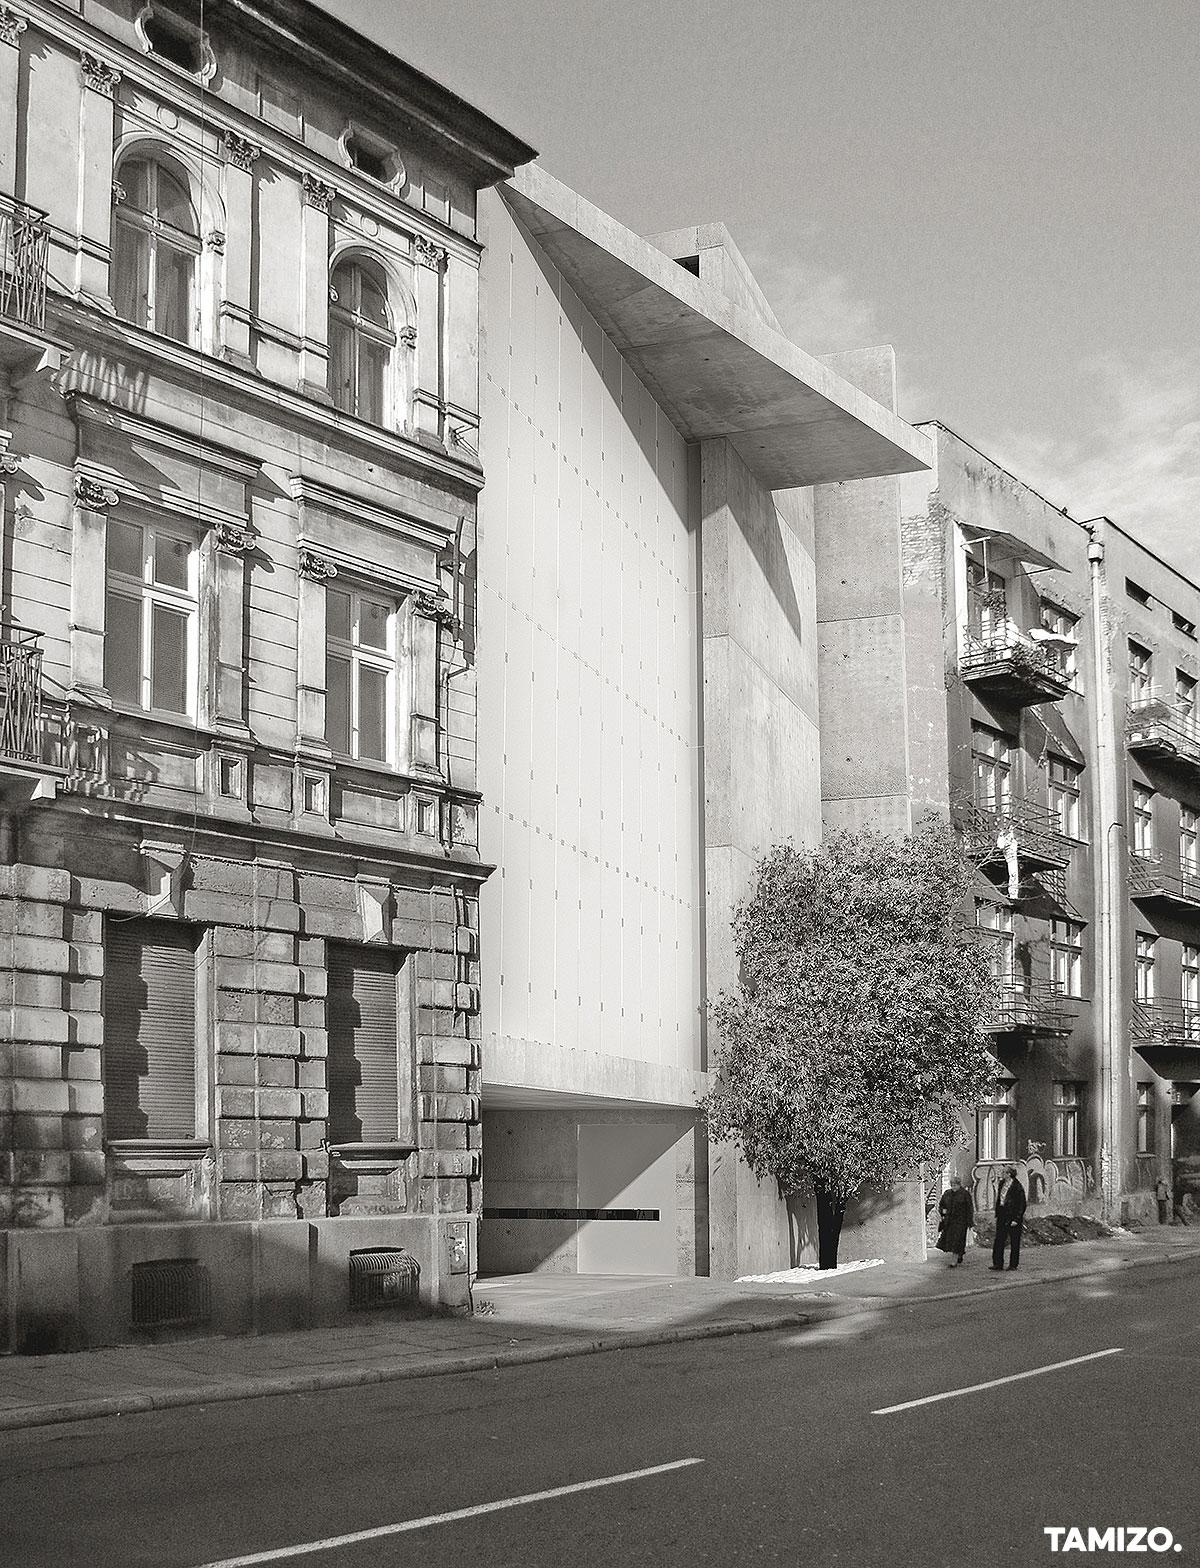 A012_tamizo_architekci_architektura-kosiol-w-miescie-church-projekt-lodz-plomba-zelbet-mateusz-stolarski-11